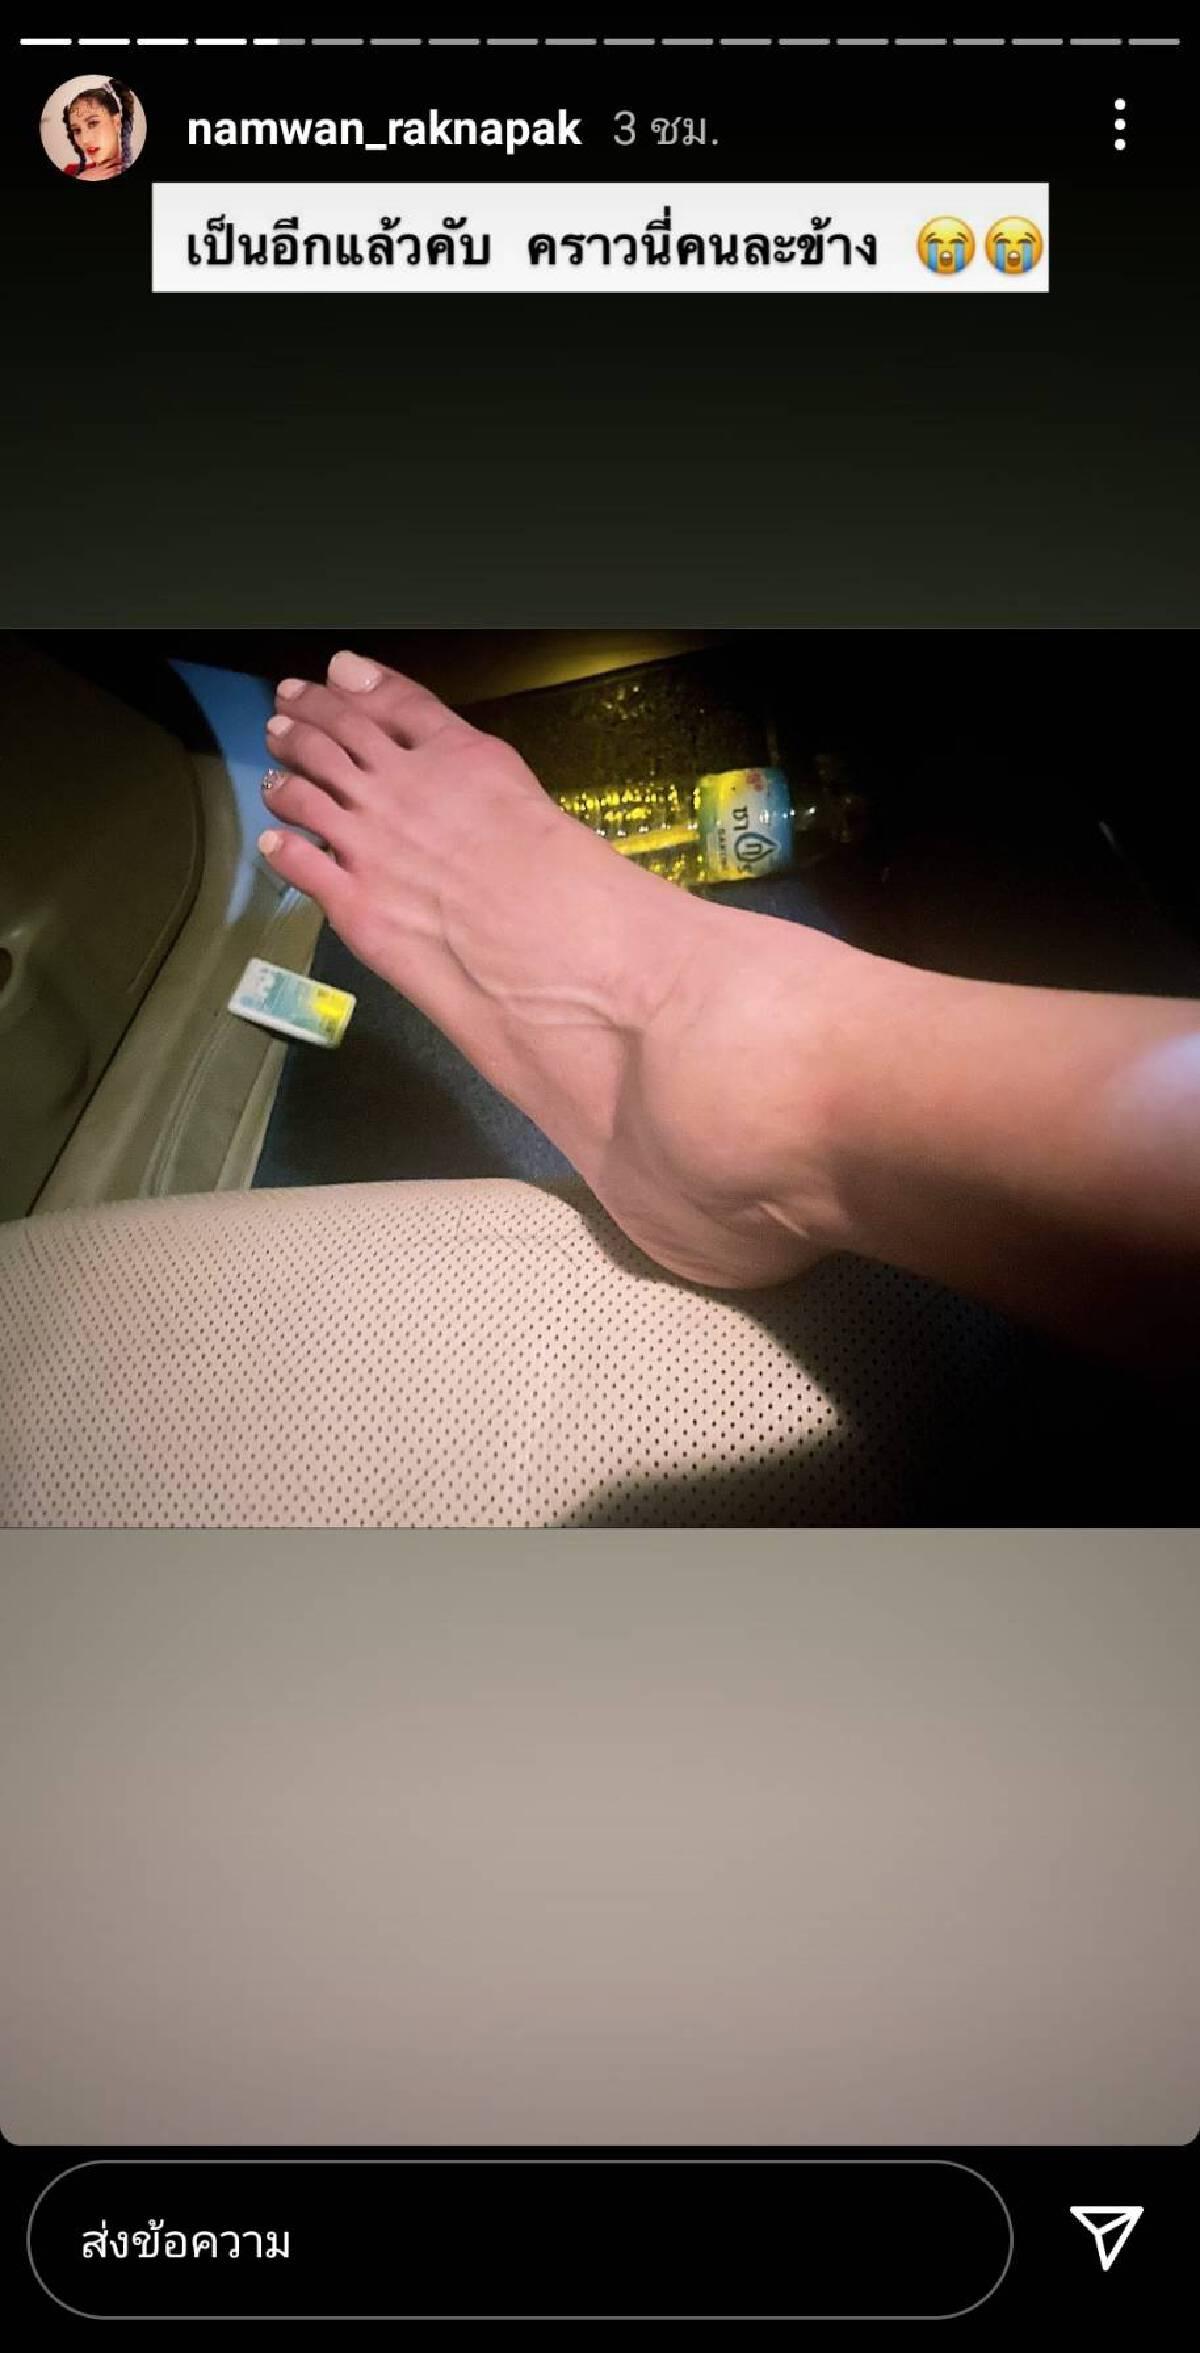 """งดซ่า """"น้ำหวาน"""" เกิดอุบัติเหตุเอ็นข้อเท้าฉีก หมอสั่งพักยาว 2 สัปดาห์"""